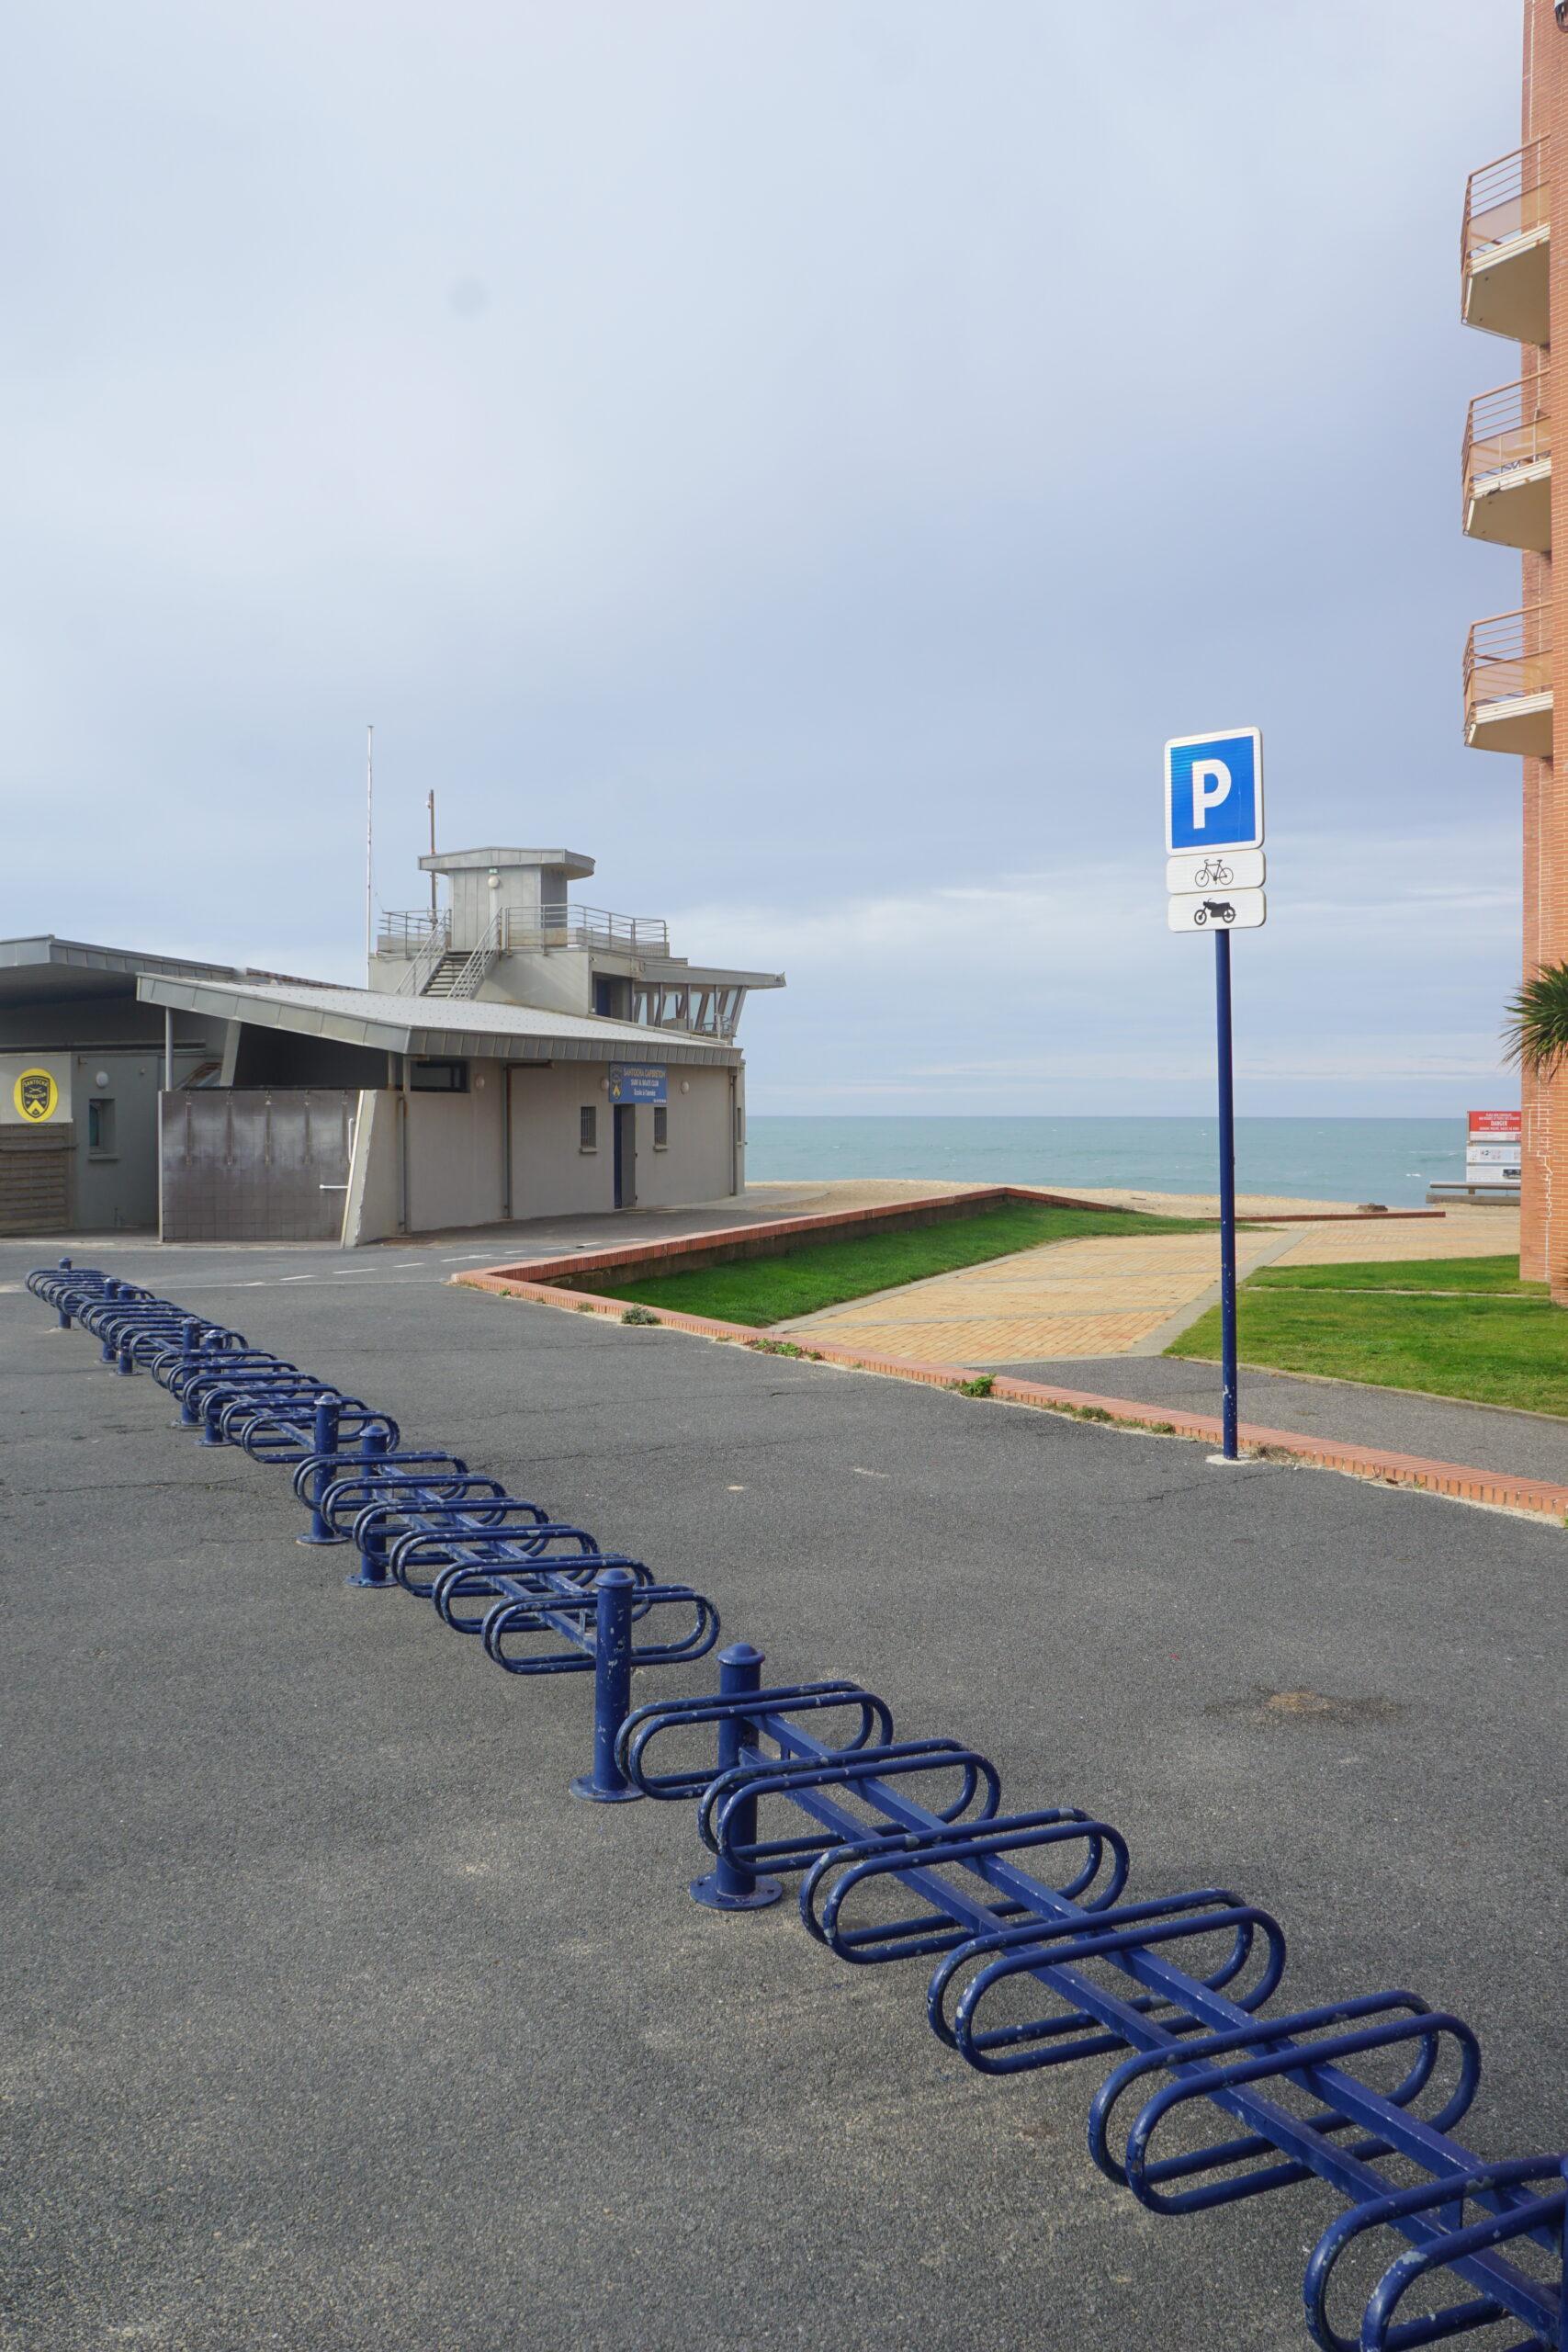 Photographie d'un parc à vélo vide en bord de mer.